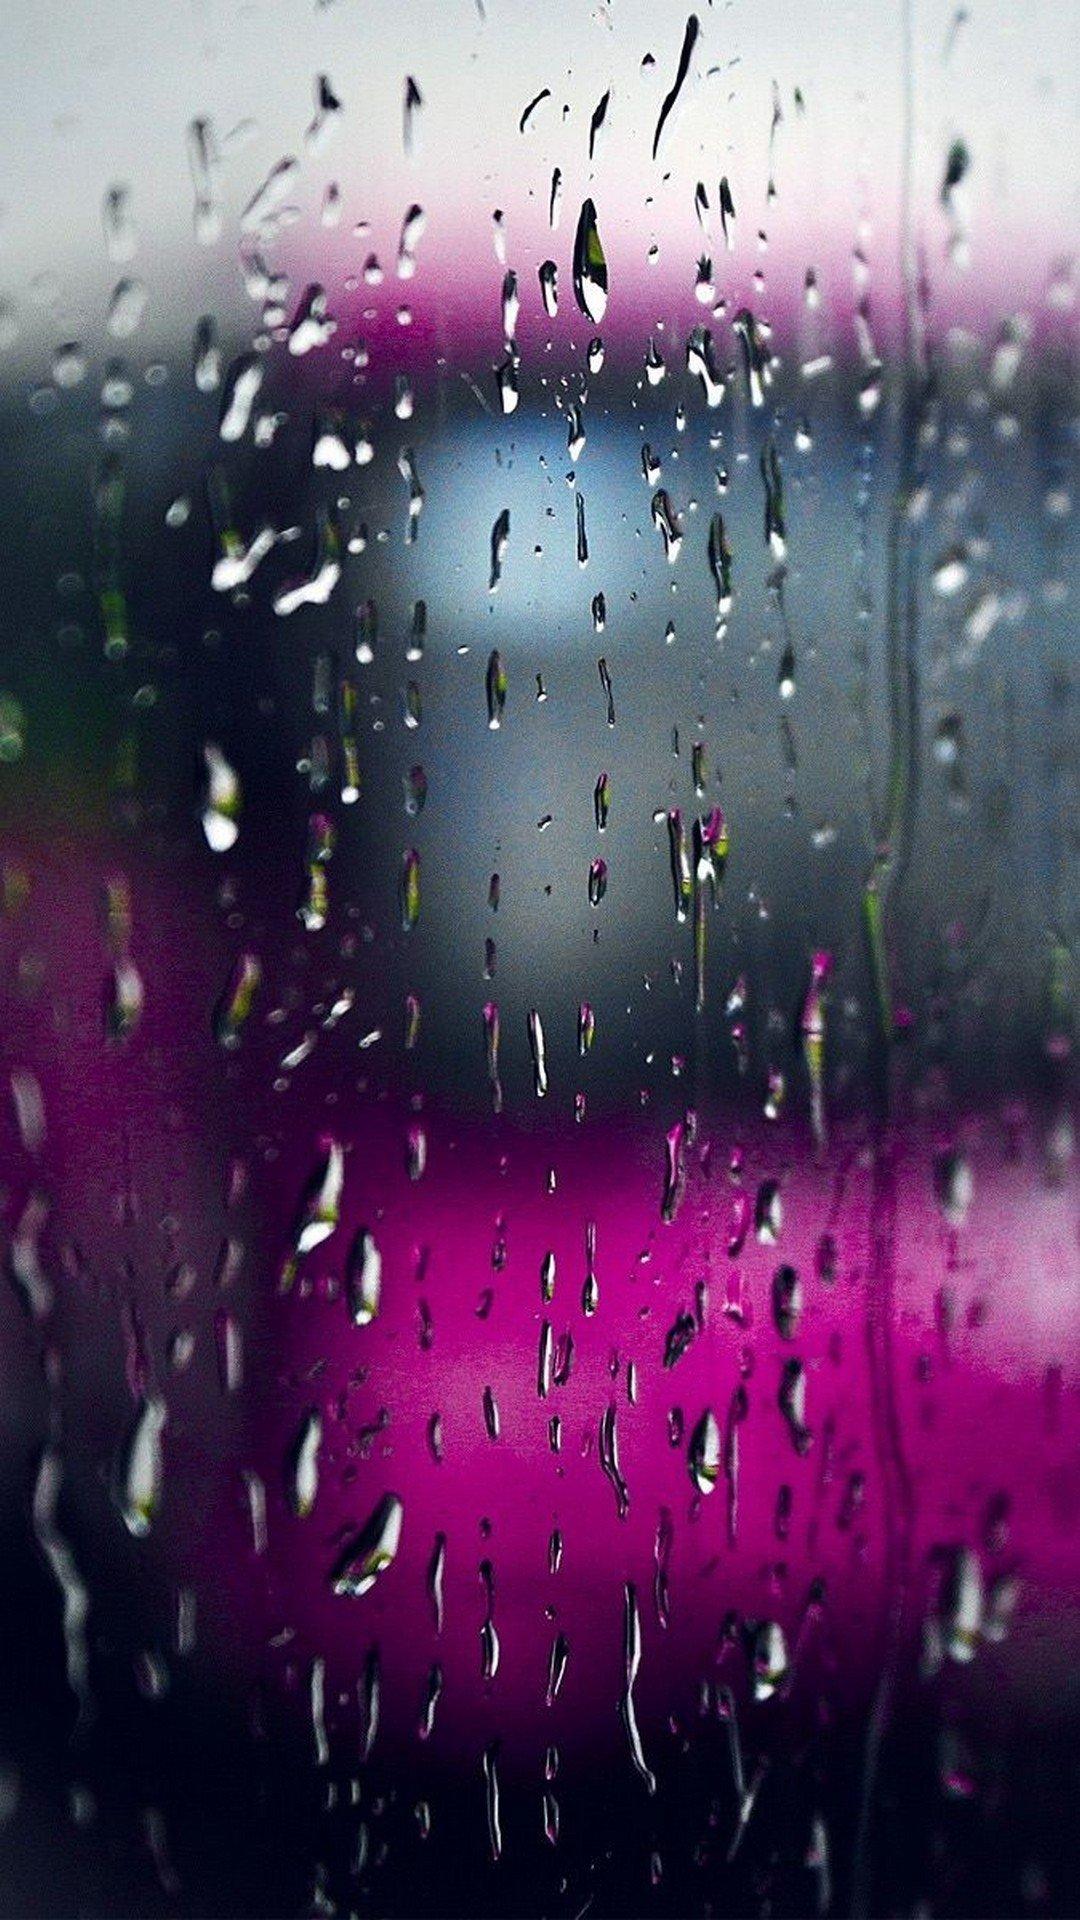 Rain screensaver wallpaper